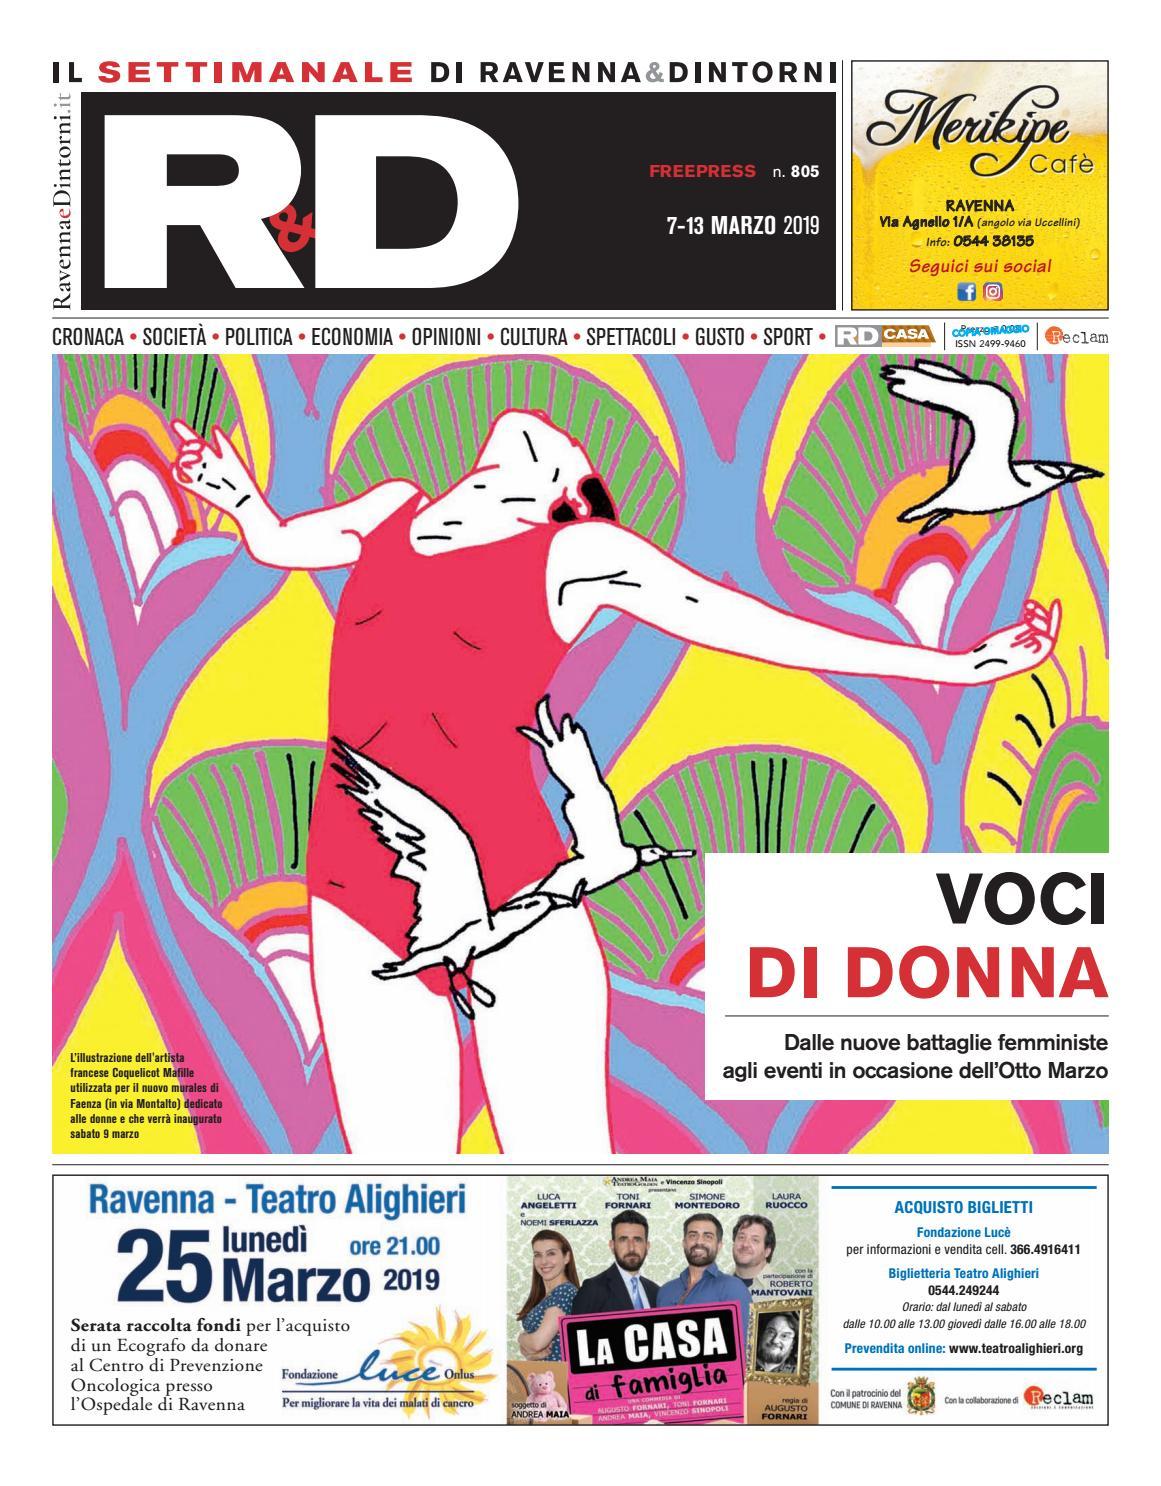 R D 07 03 2019 by Reclam Edizioni e Comunicazione - issuu dfa6322d4d8